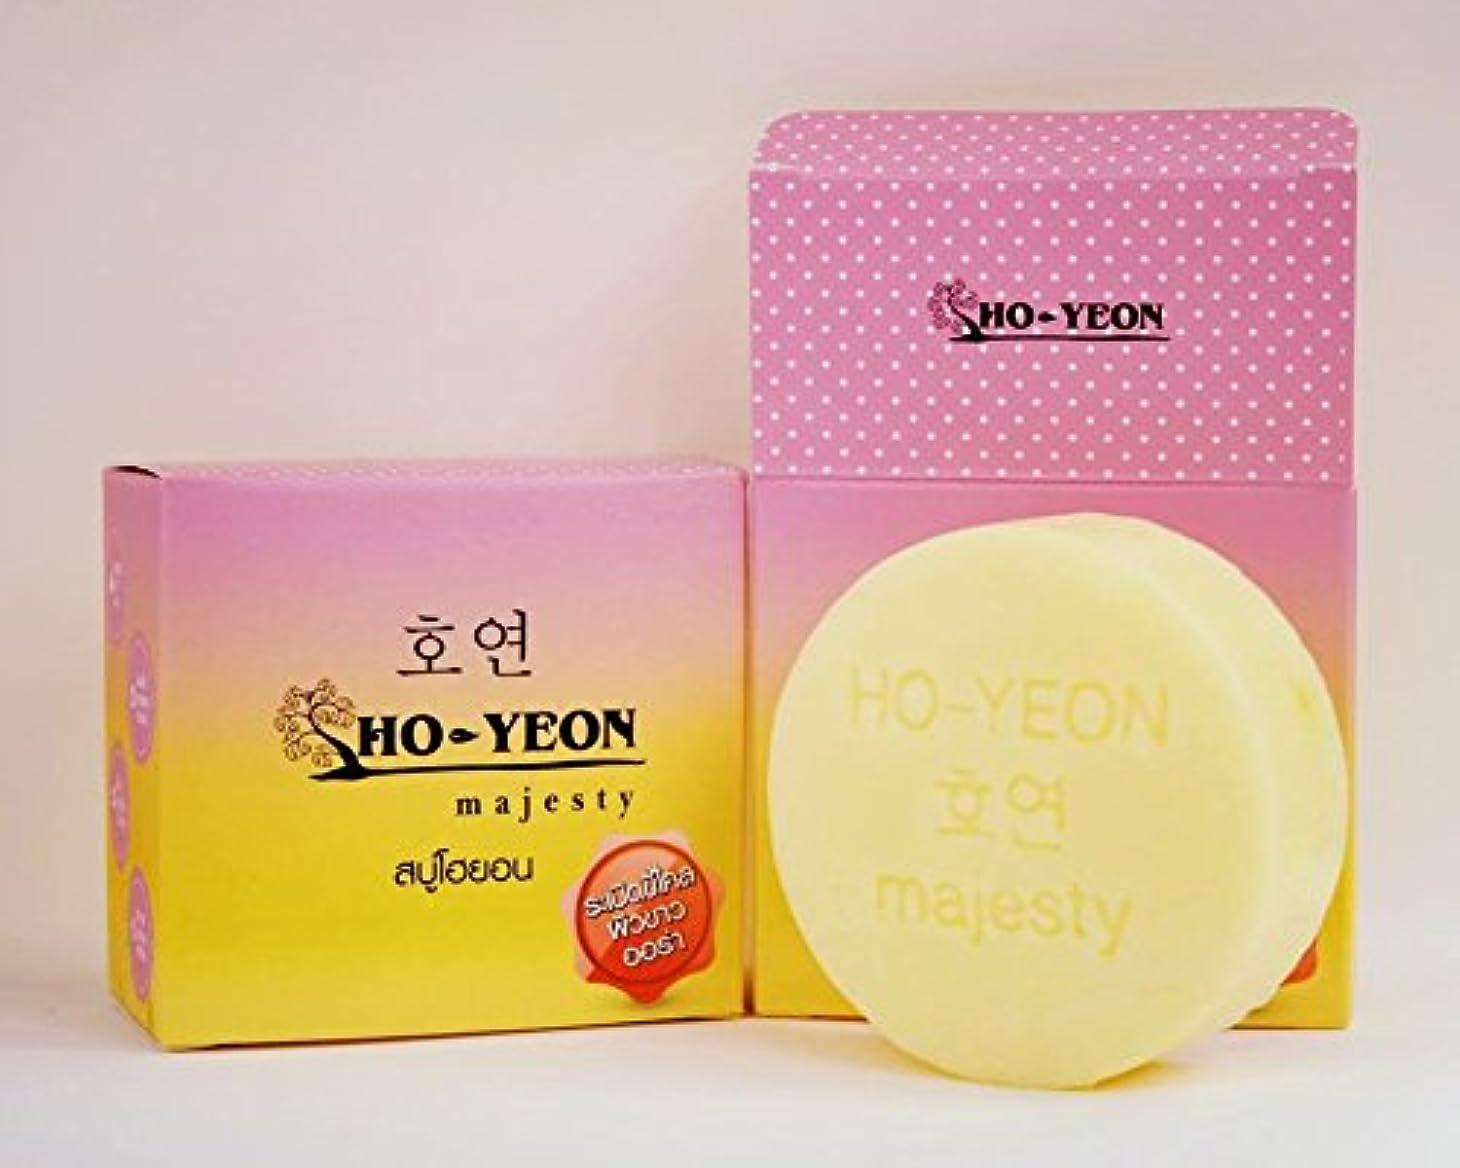 カメラ意識的ひそかに1 X Natural Herbal Whitening Soap. Soap Yeon Ho-yeon the HO (80 grams) Free shipping